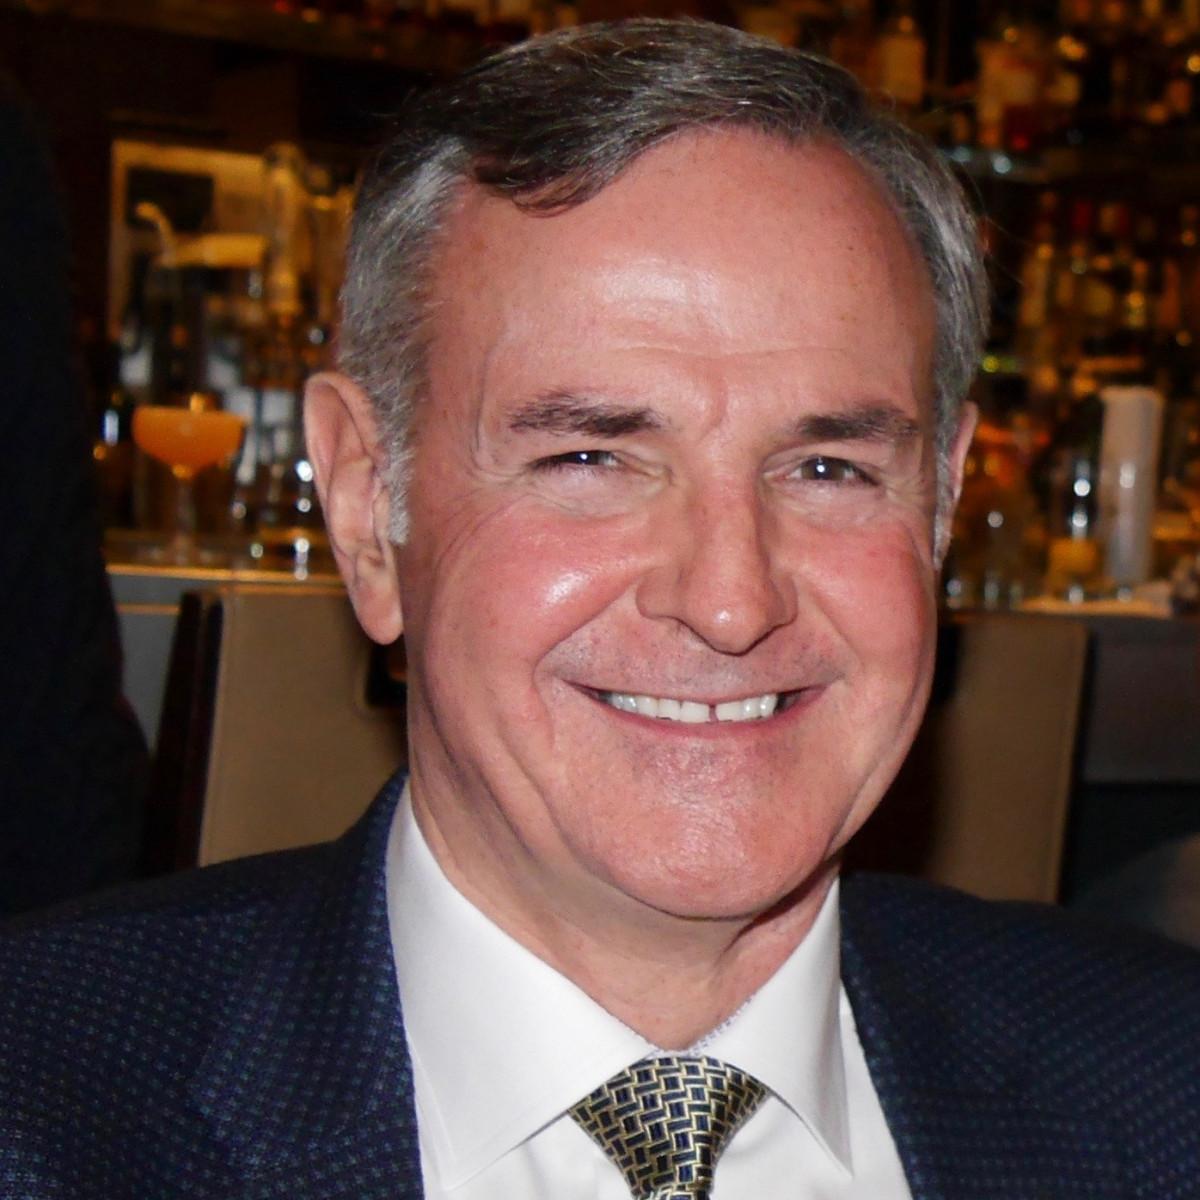 Colin Doody